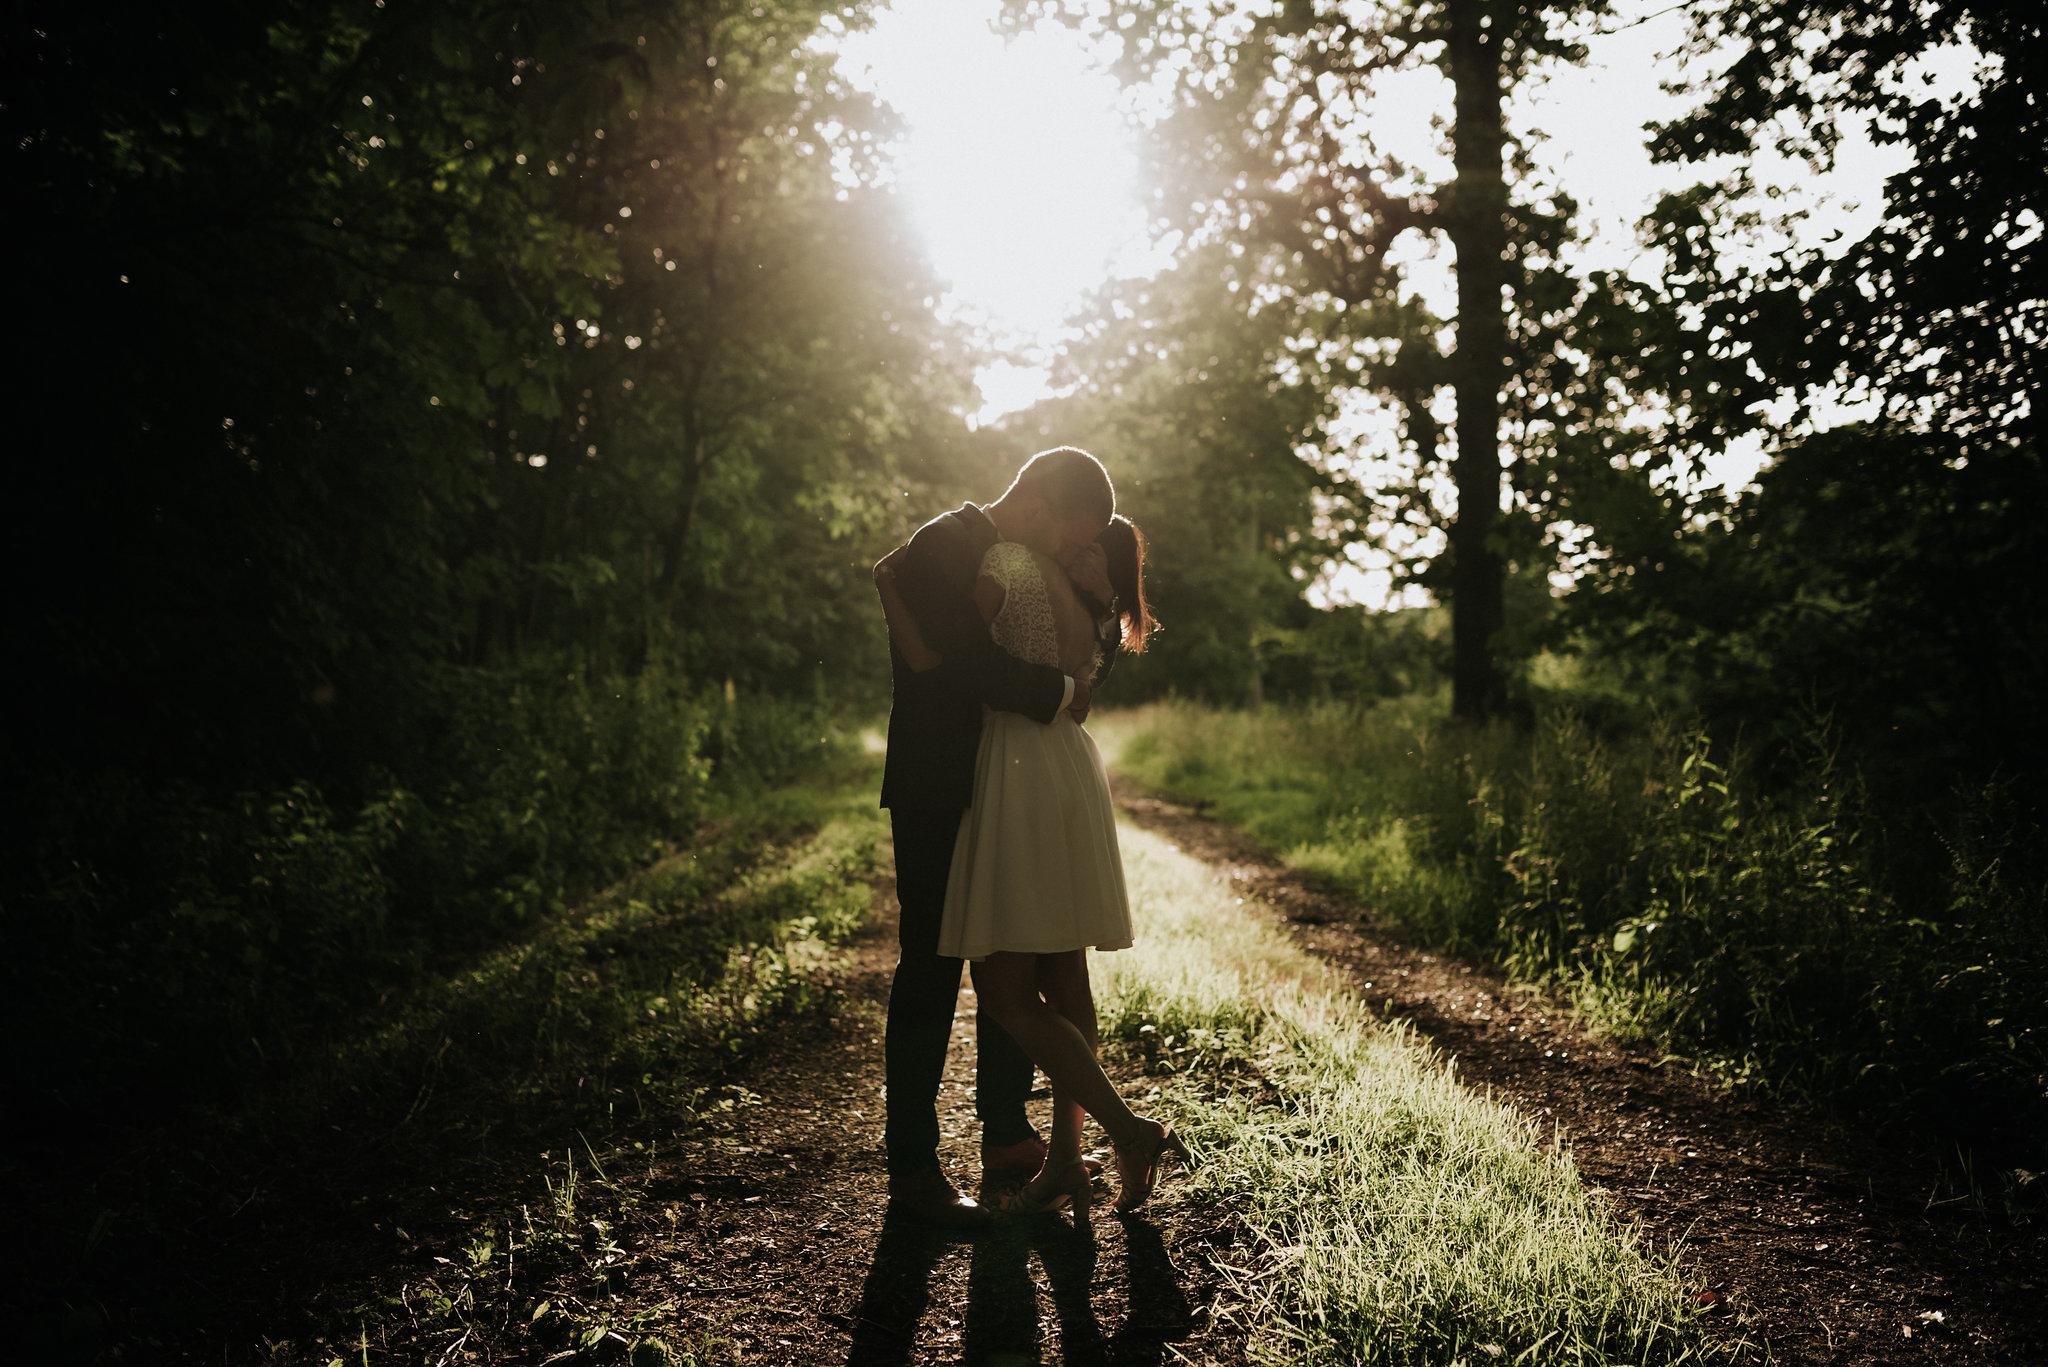 Léa-Fery-photographe-professionnel-lyon-rhone-alpes-portrait-creation-mariage-evenement-evenementiel-famille-2-273.jpg